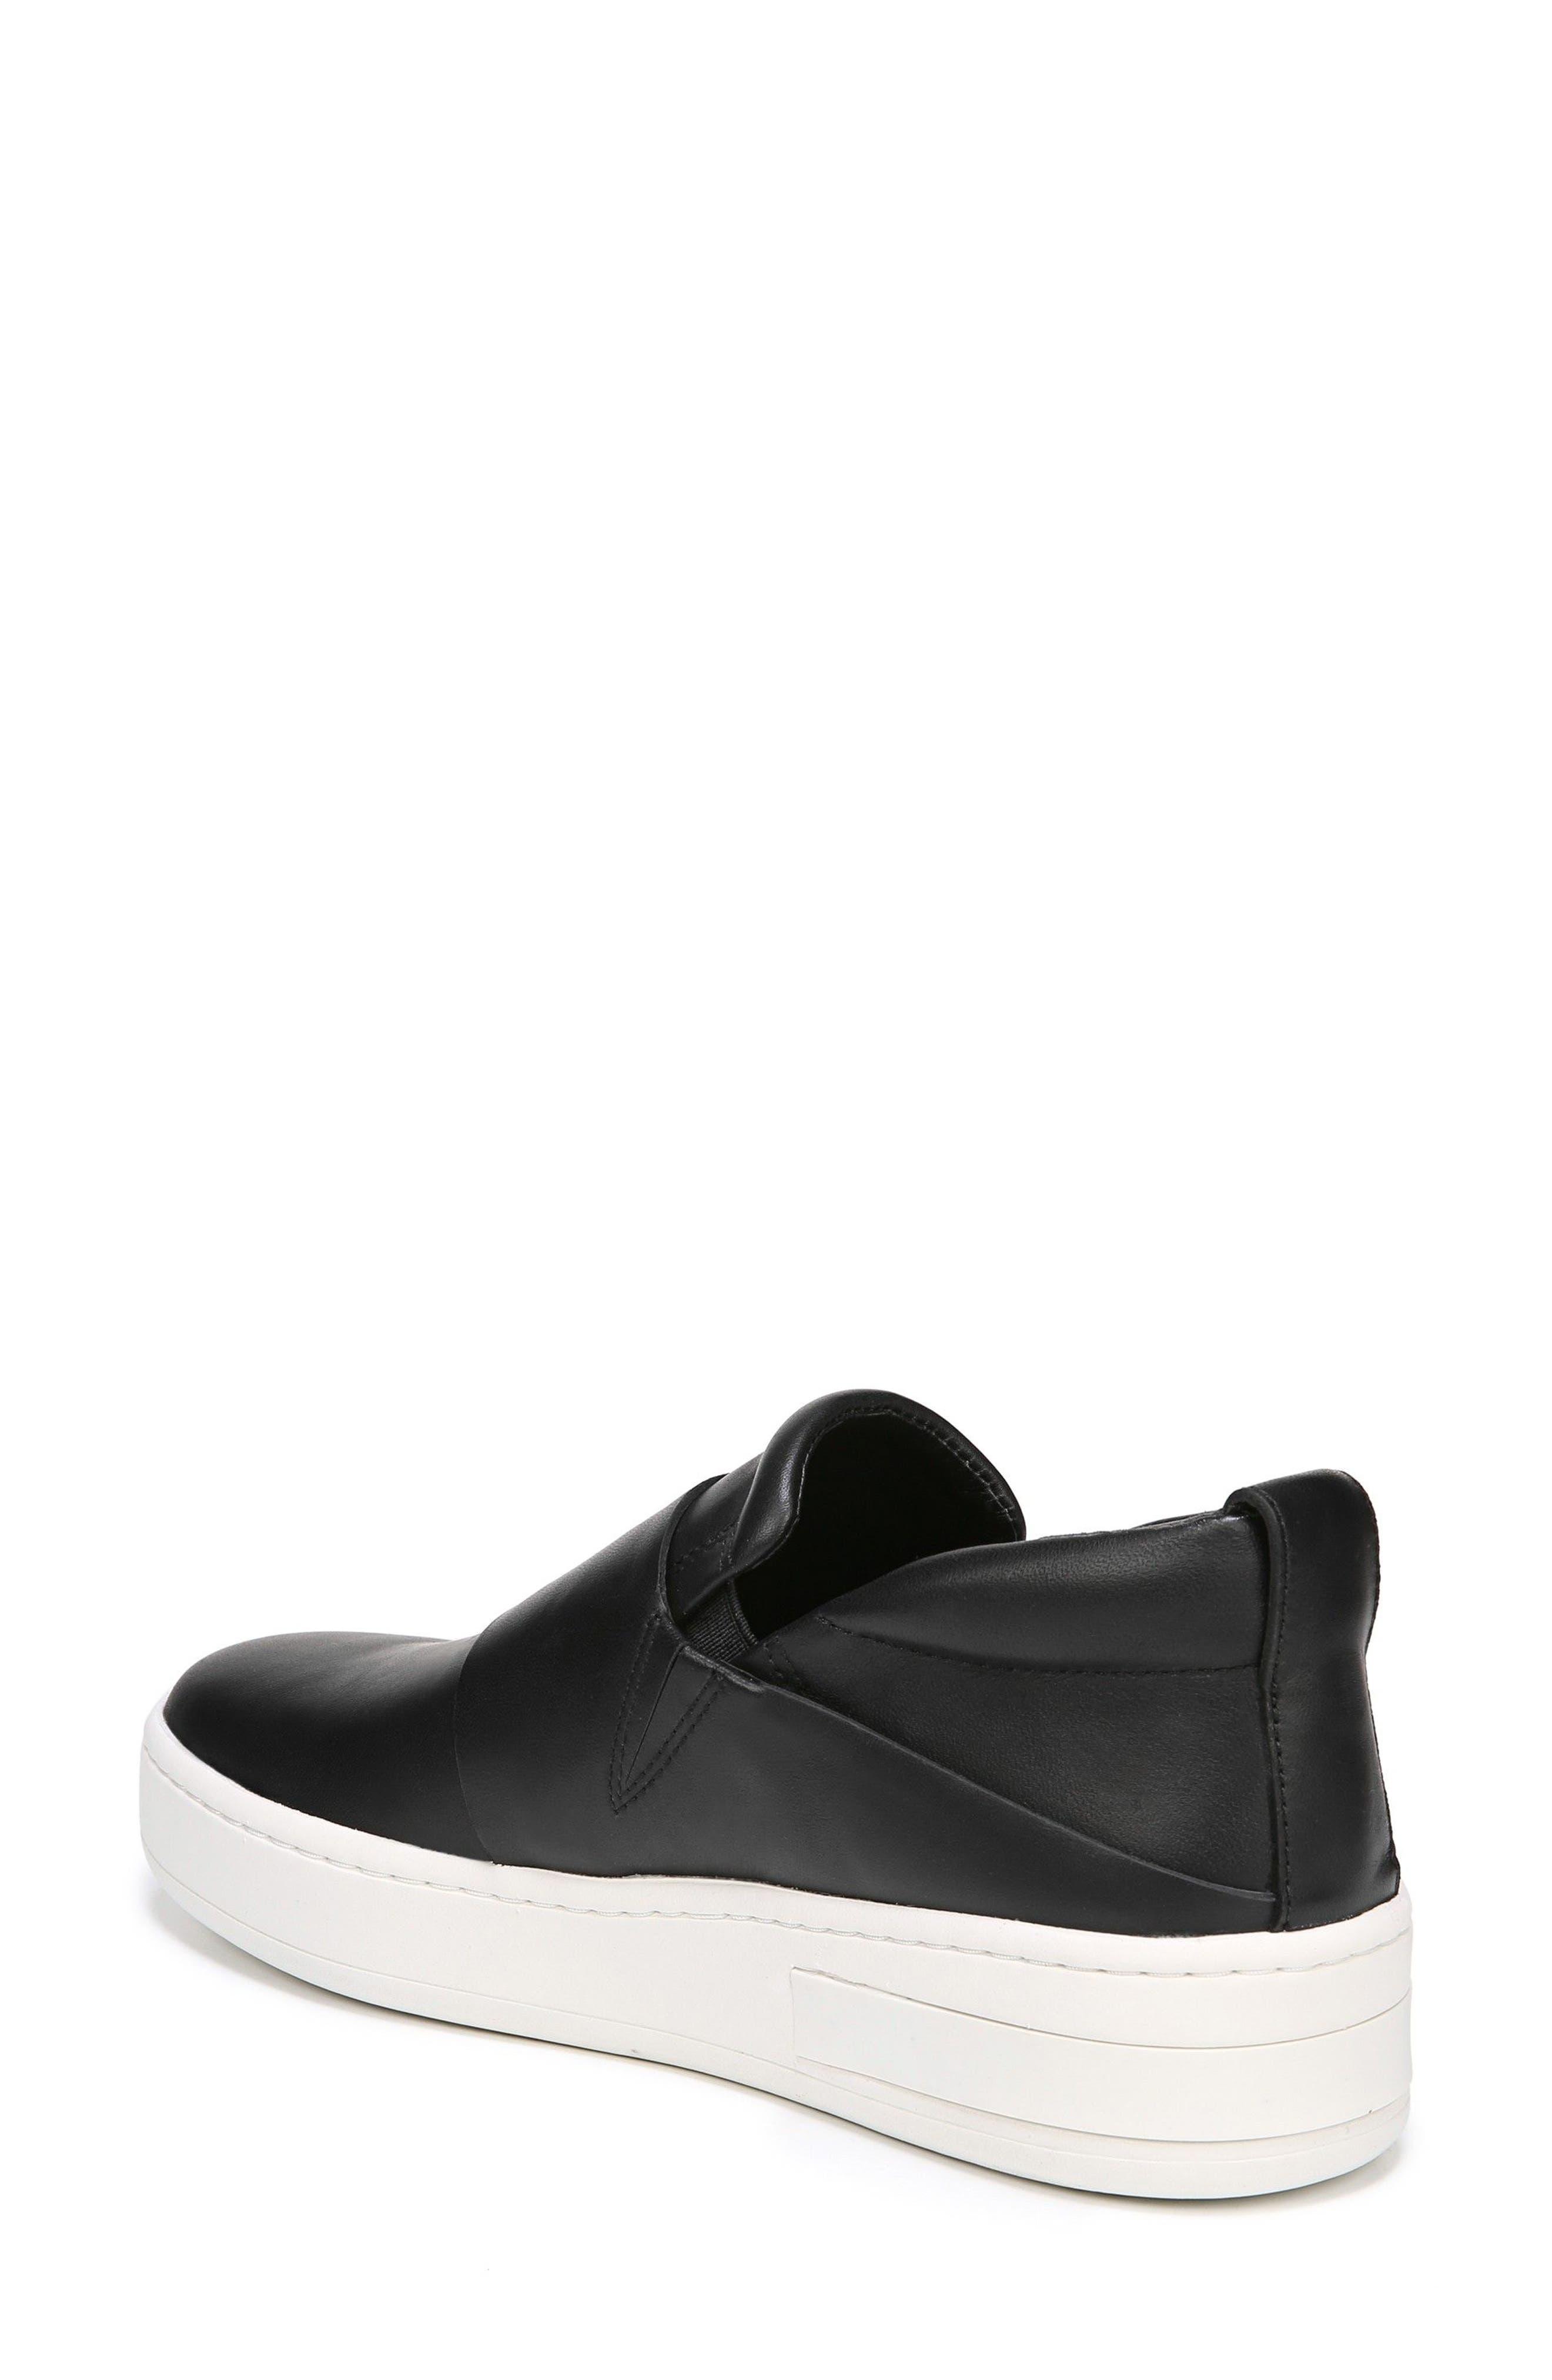 Ryder Slip-On Sneaker,                             Alternate thumbnail 2, color,                             Black Leather